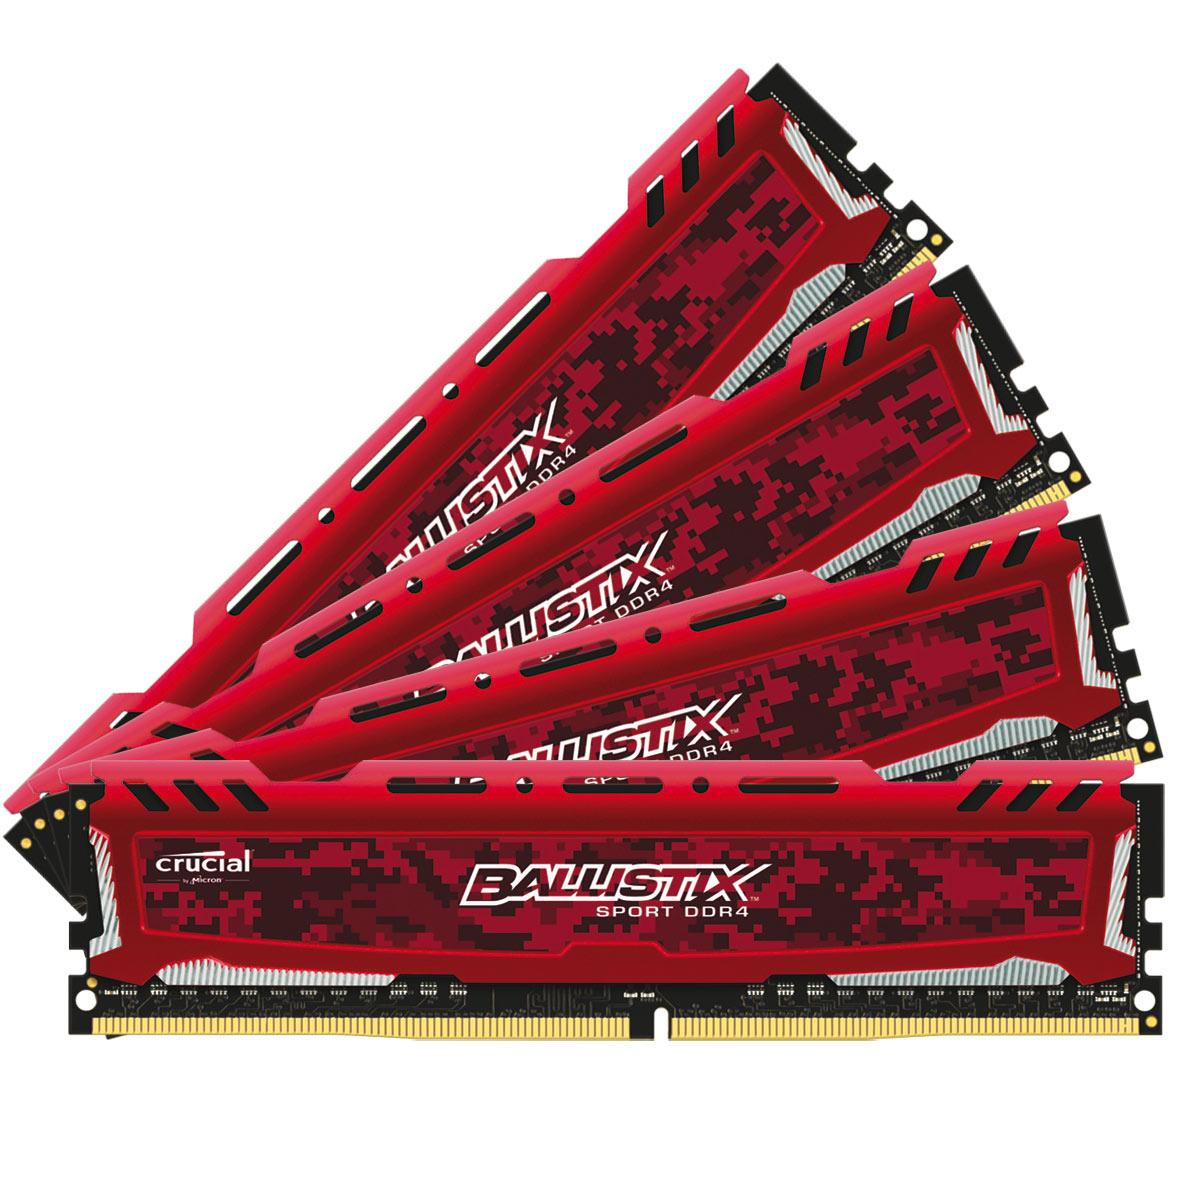 Kit mémoire Ram DDR4 Ballistix Sport LT 64 Go (4 x 16 Go) - 2400 MHz